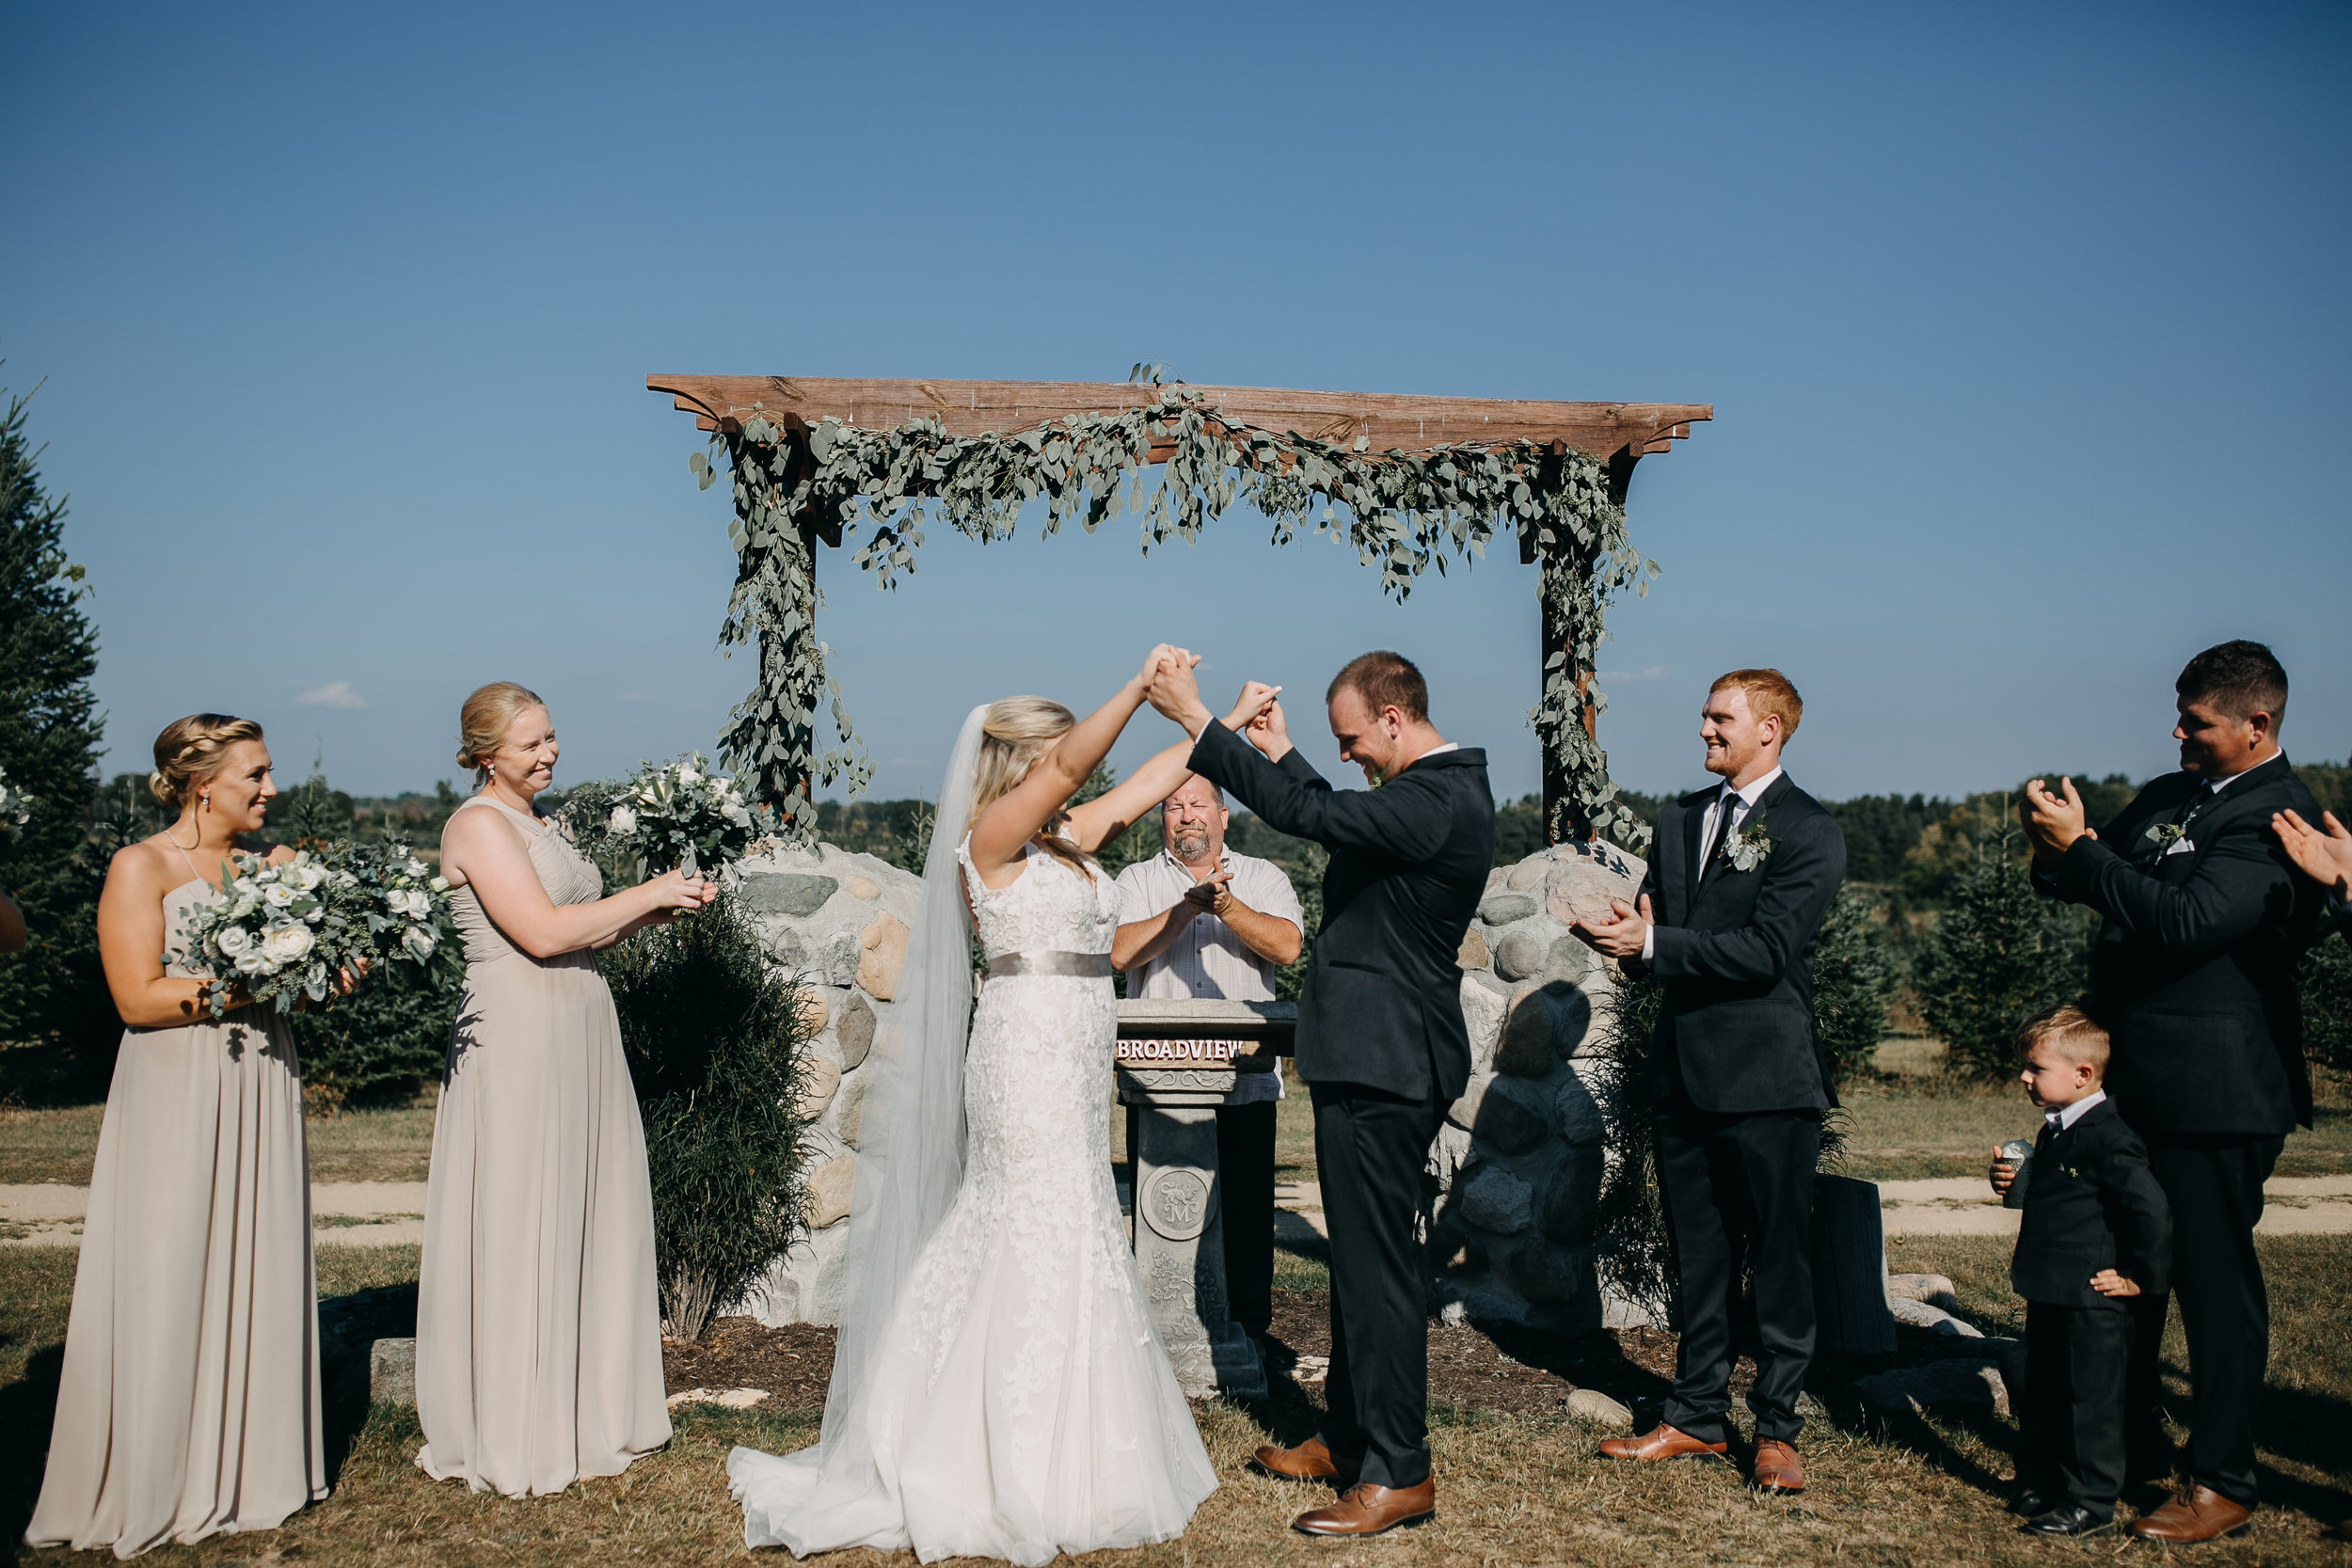 26 bride and groom .jpg